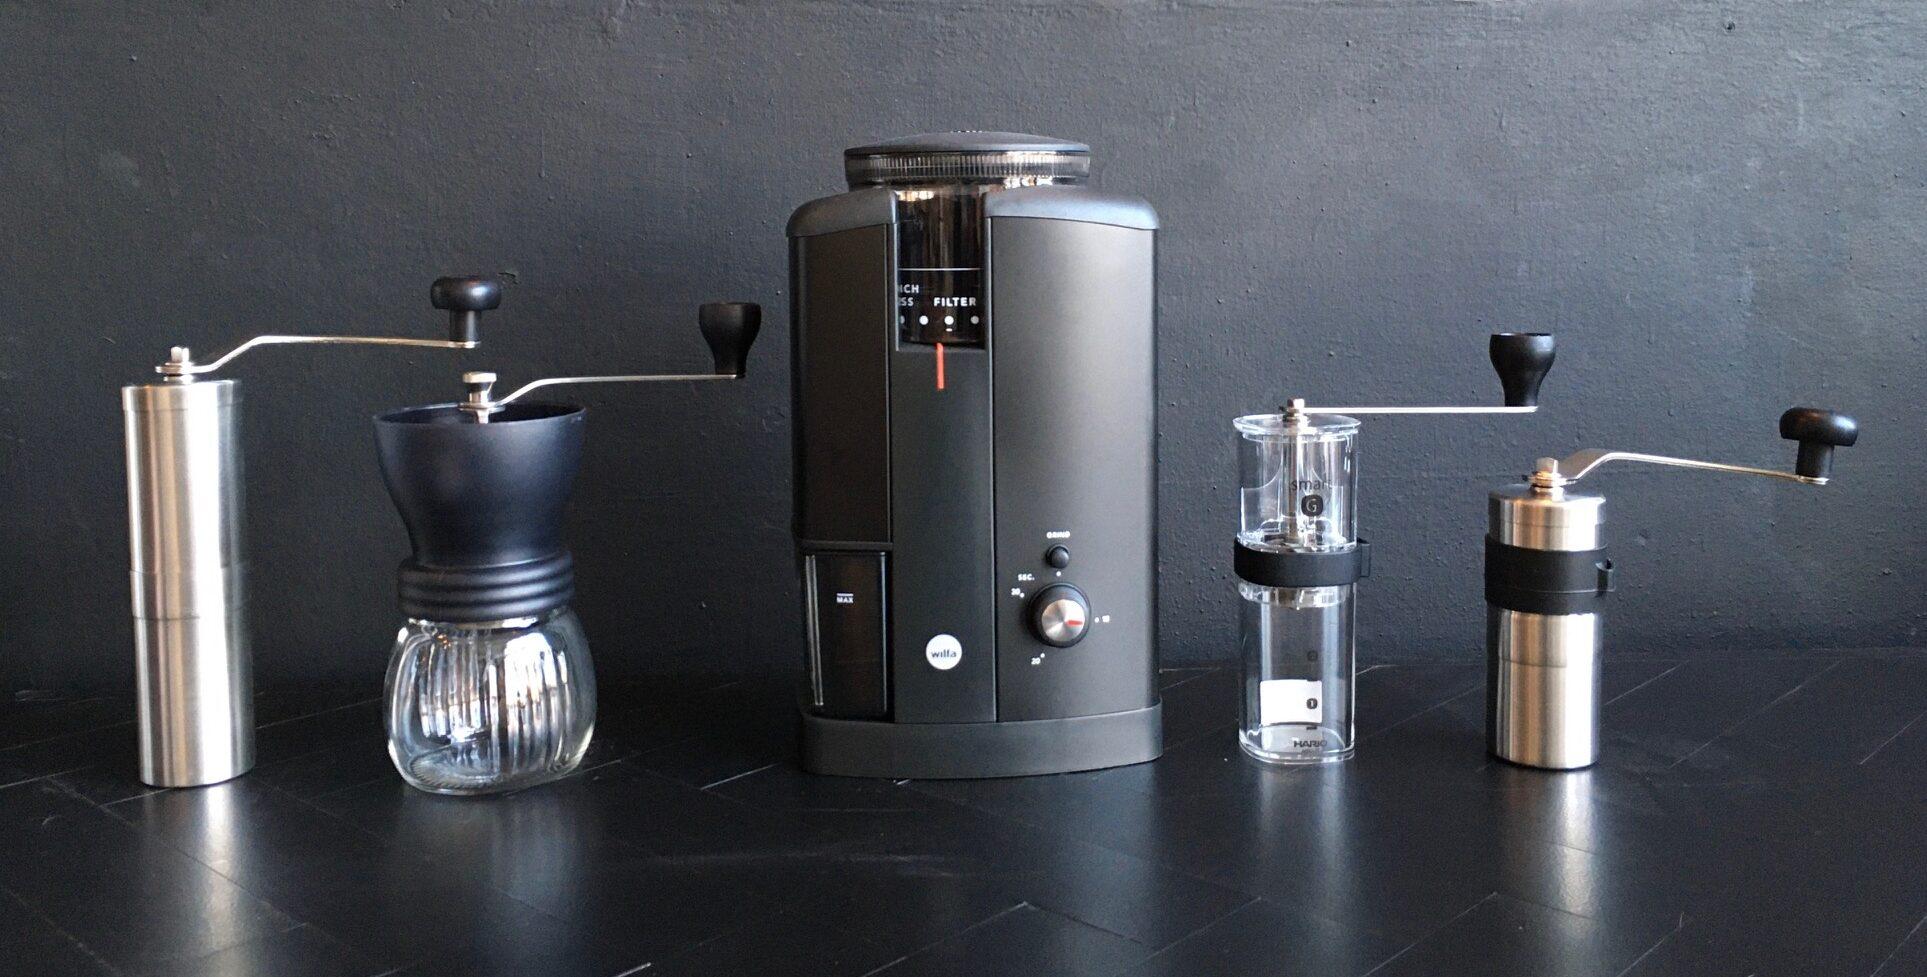 Beslisboom: Welke koffiemolen past bij mij?